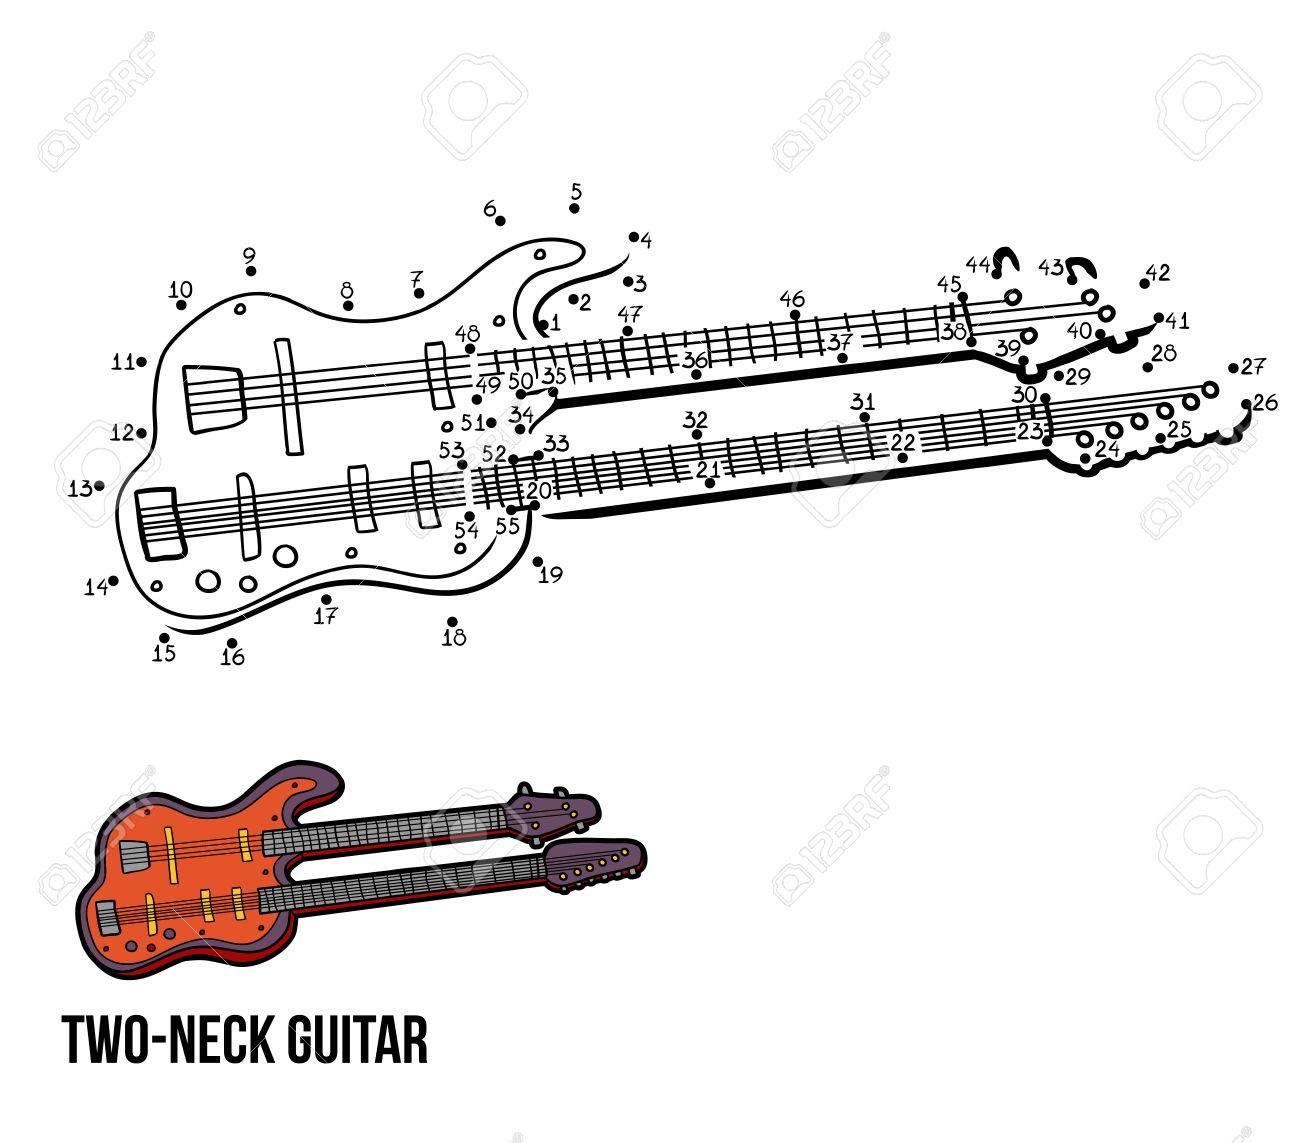 Numéros De Jeu Pour Les Enfants: Instruments De Musique Guitare À Deux Cols avec Jeu Des Instruments De Musique